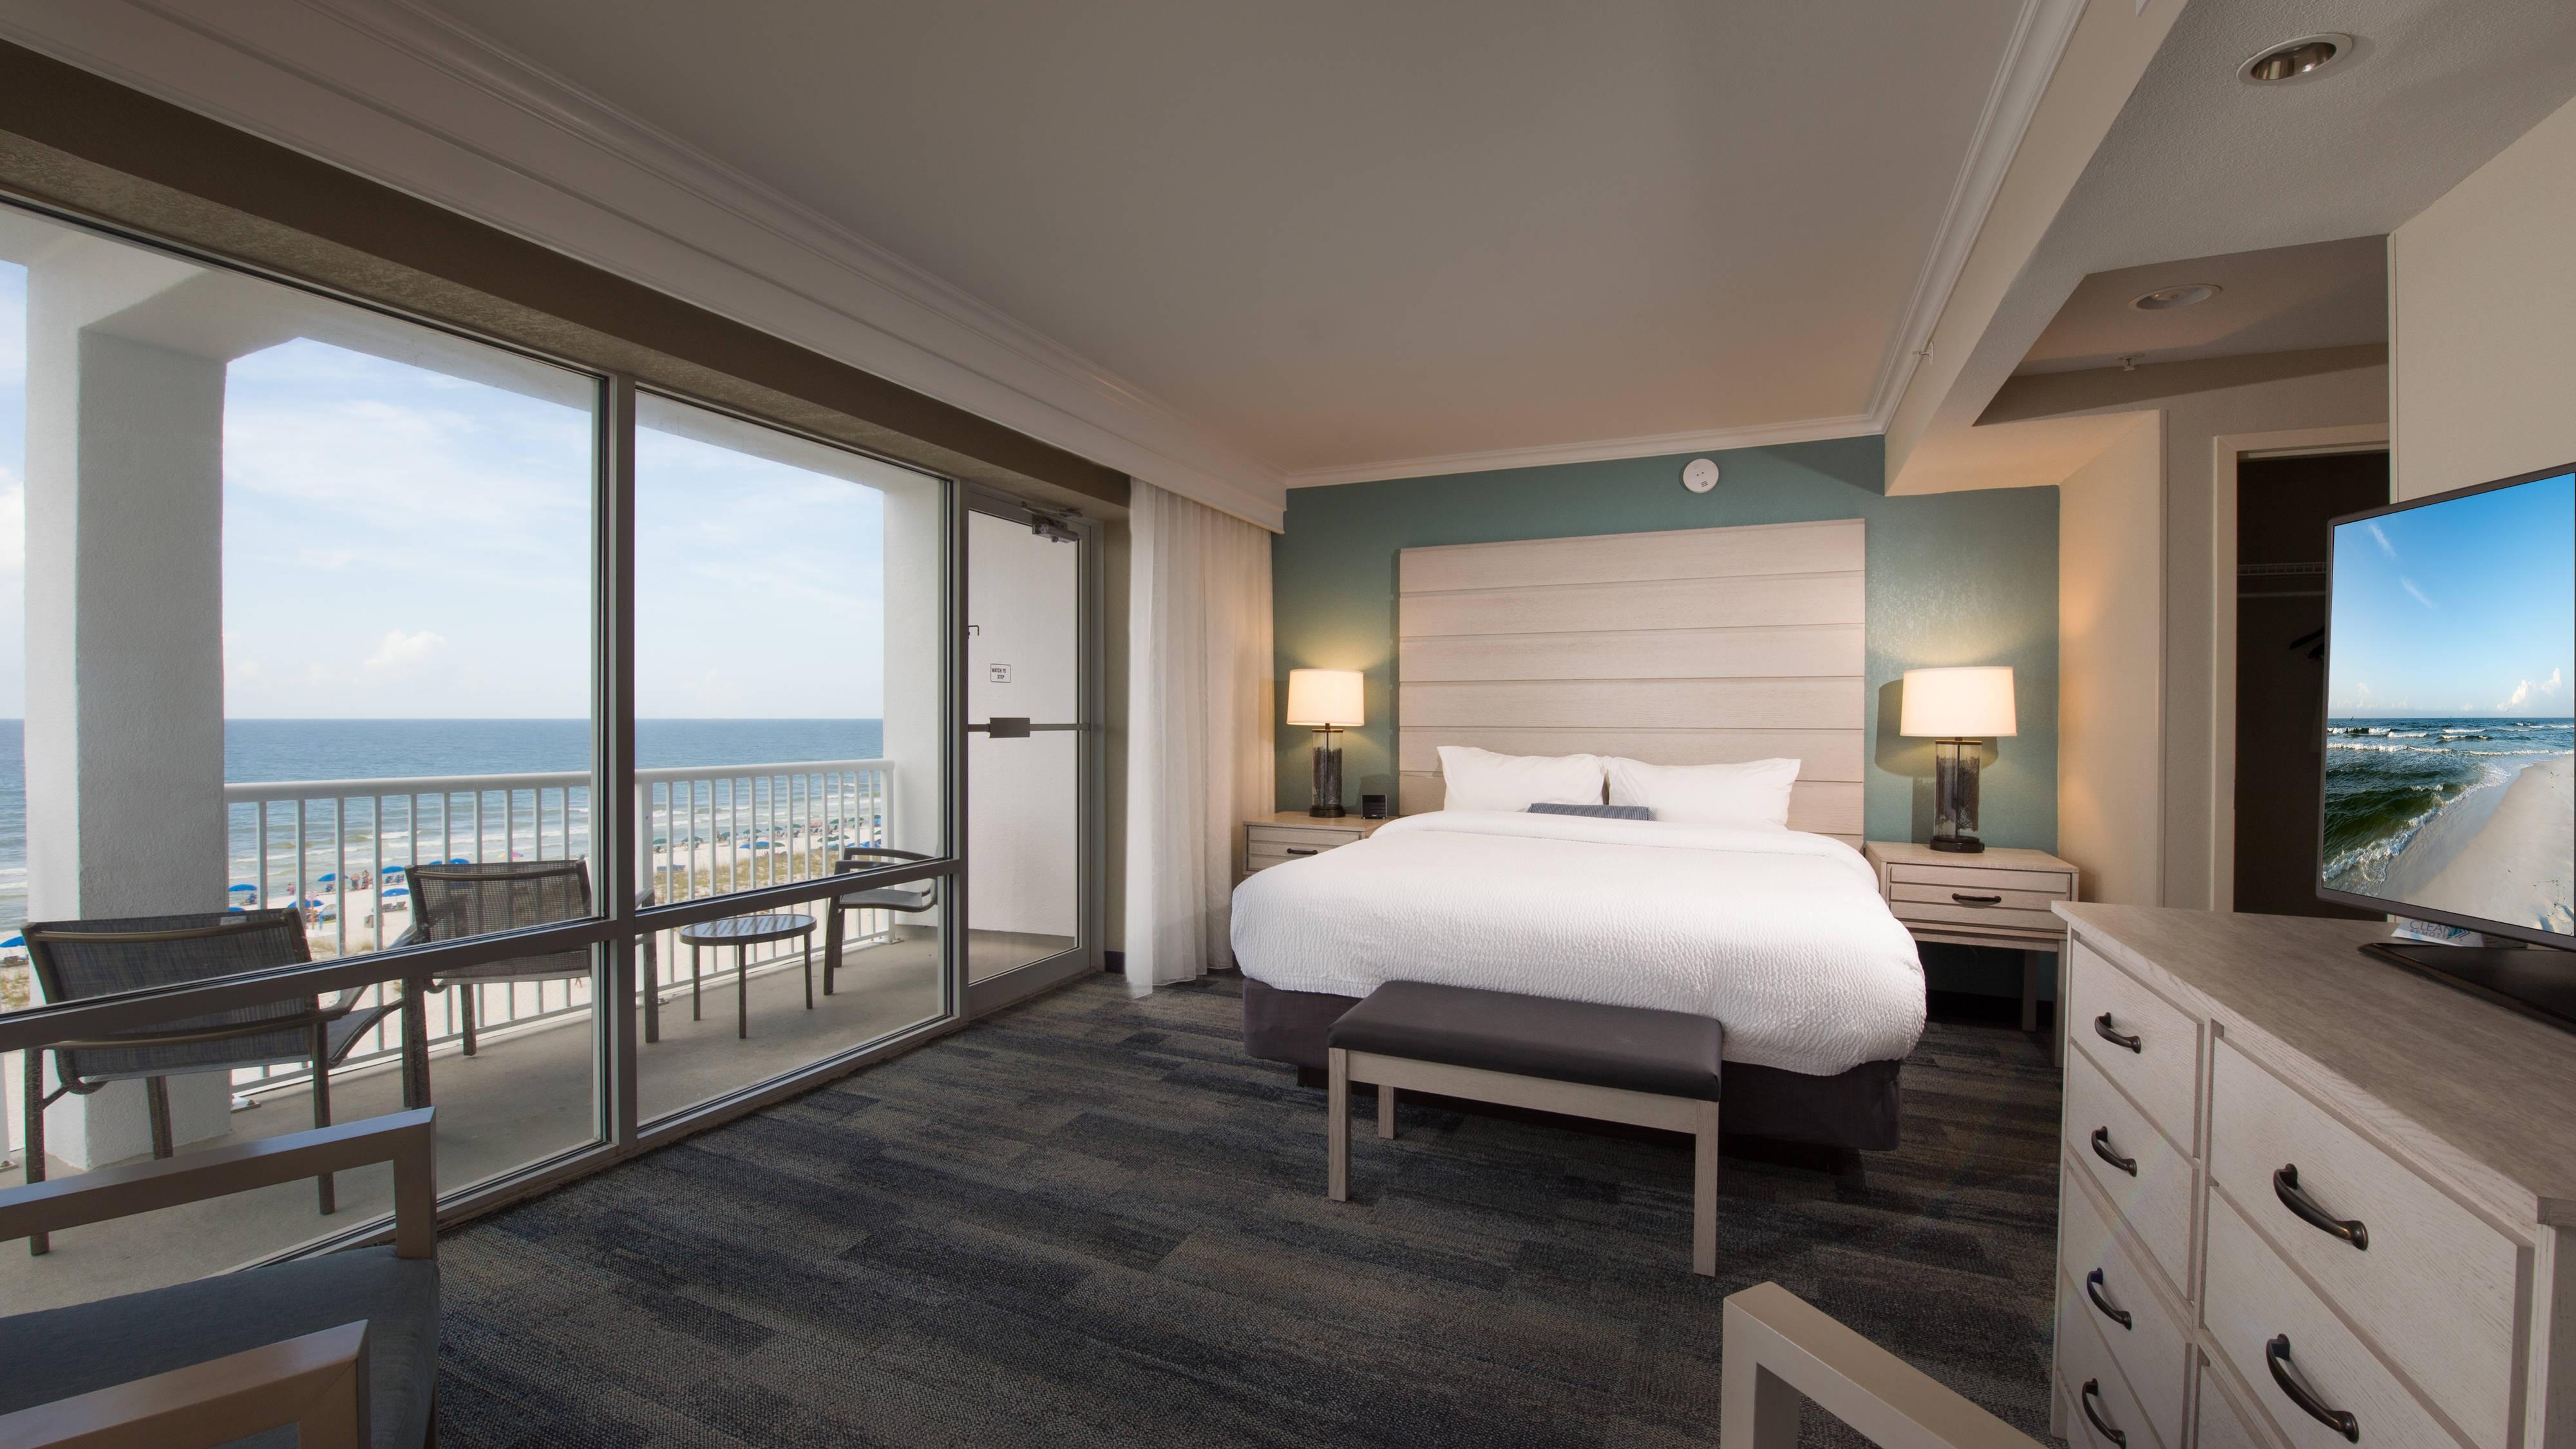 Pensacola beachfront hotel suites